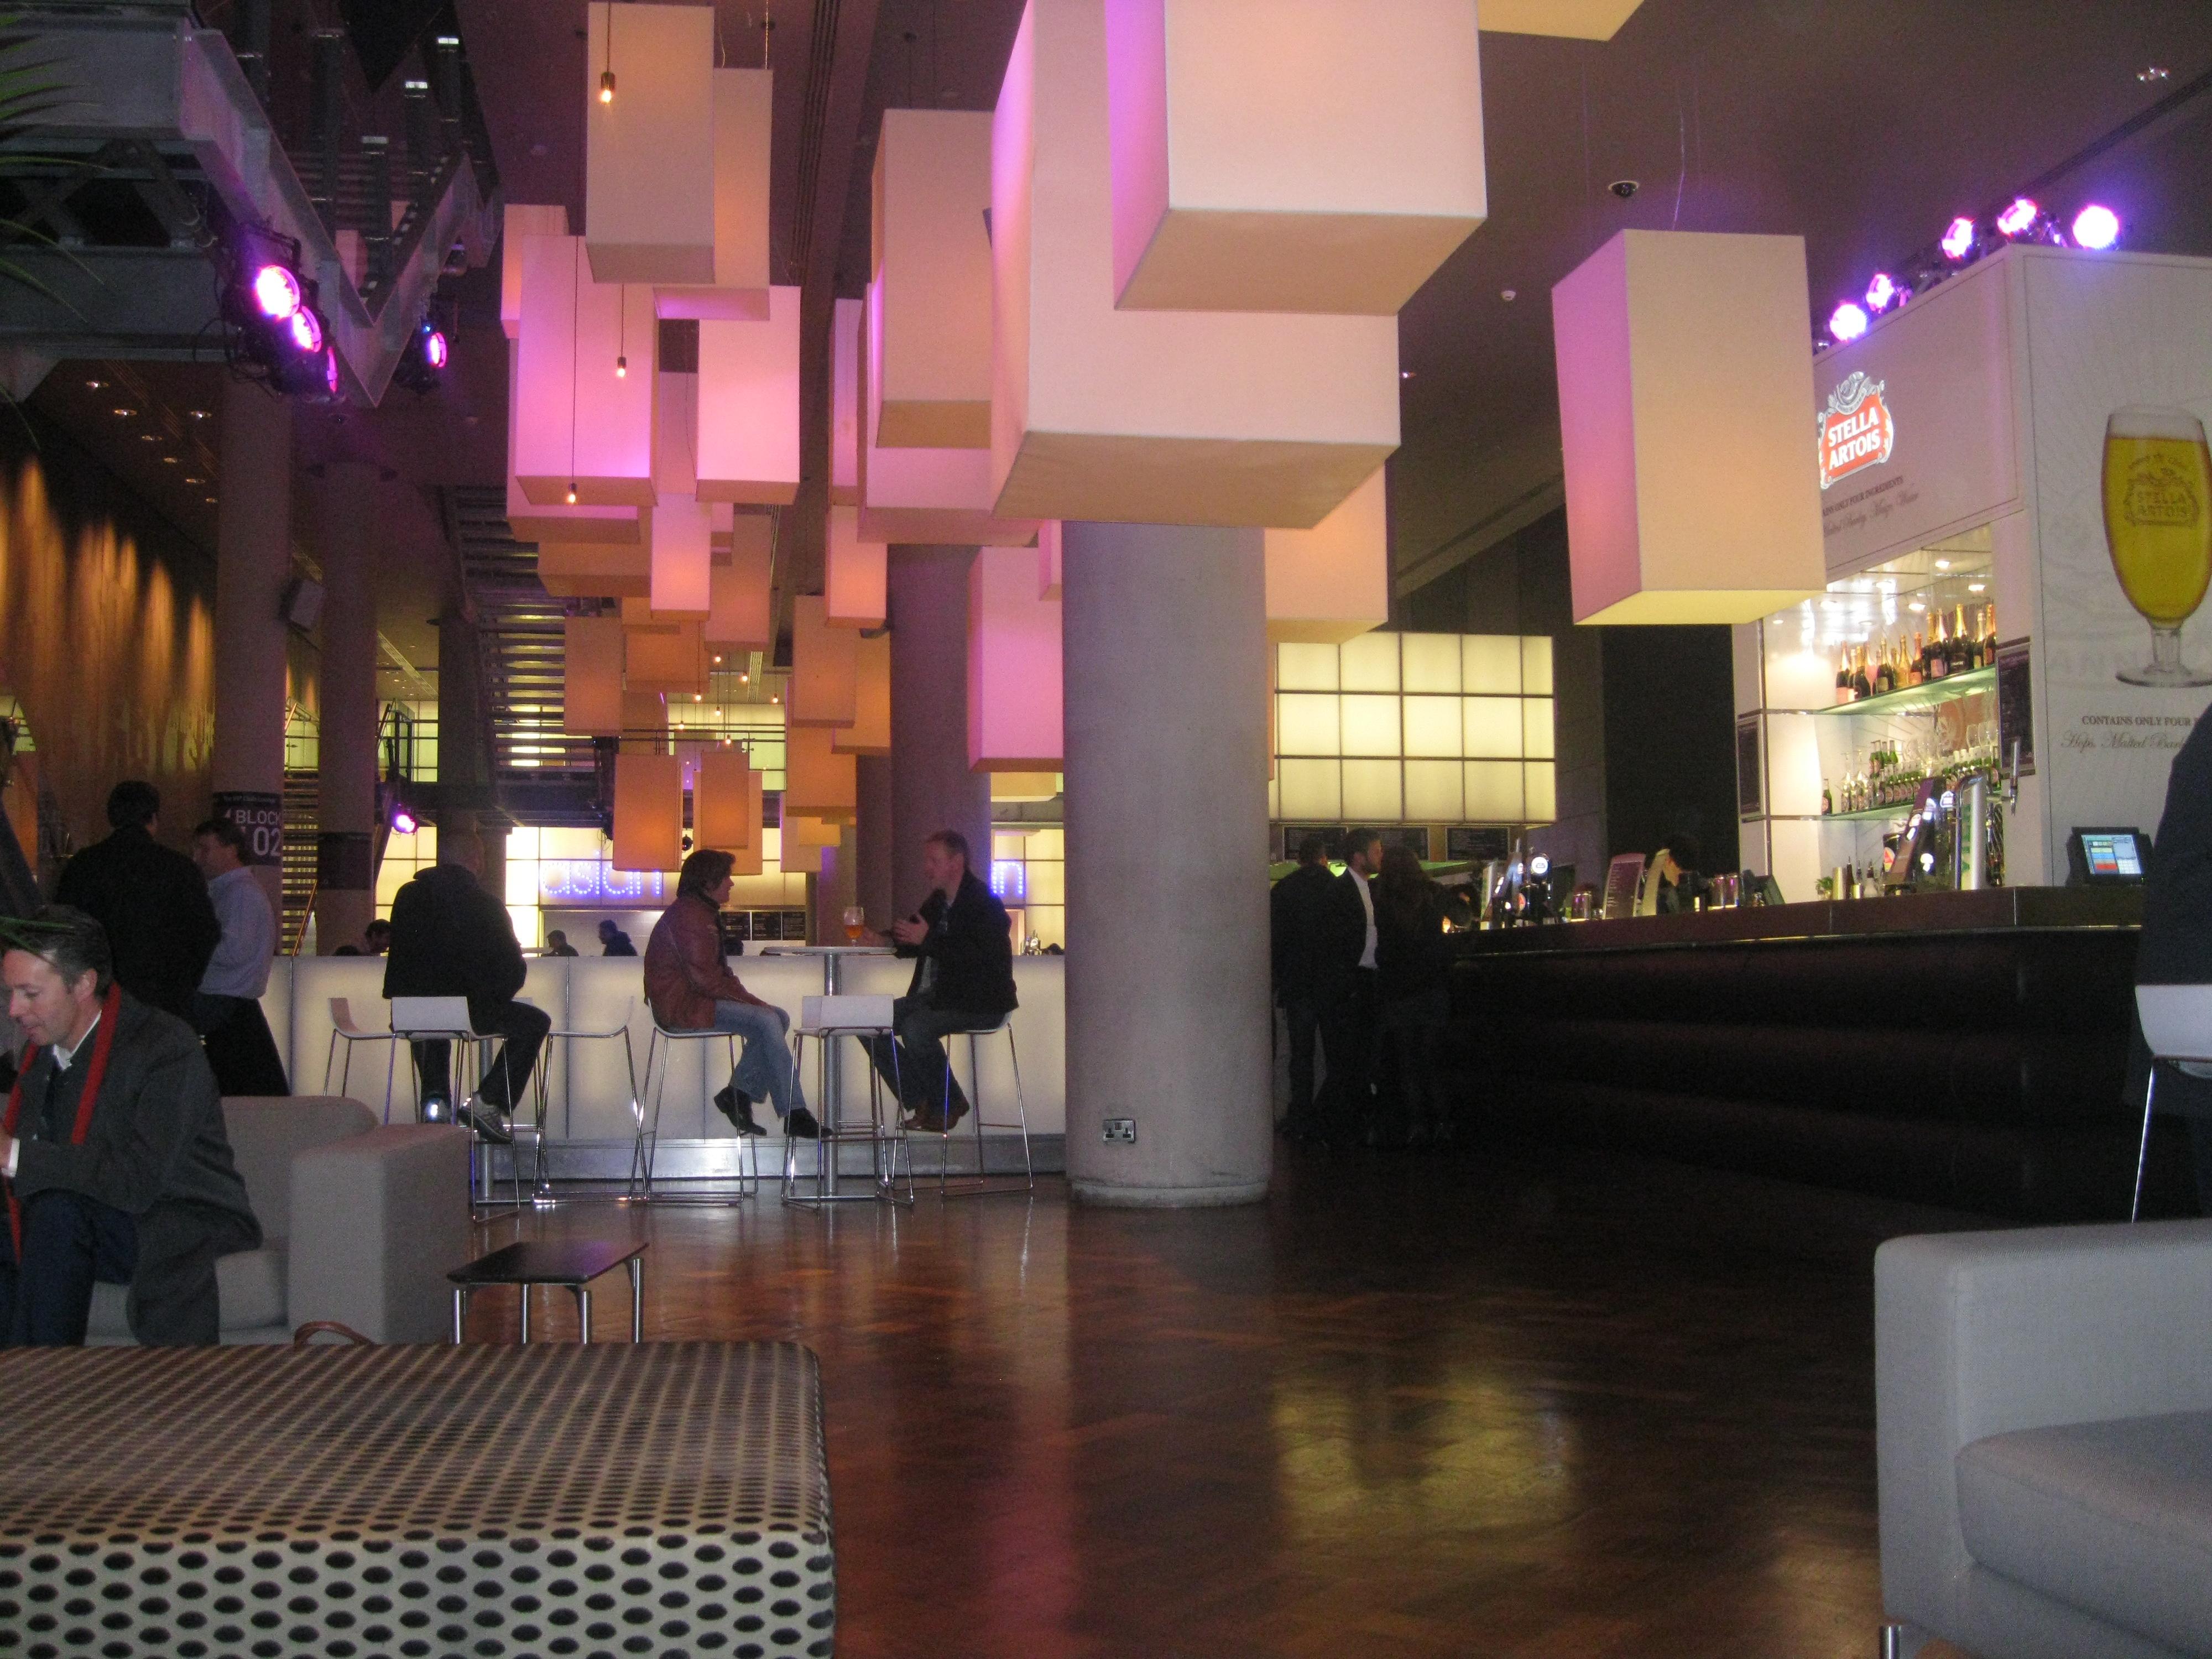 File:O2 VIP lounge 1.JPG - Wikimedia Commons